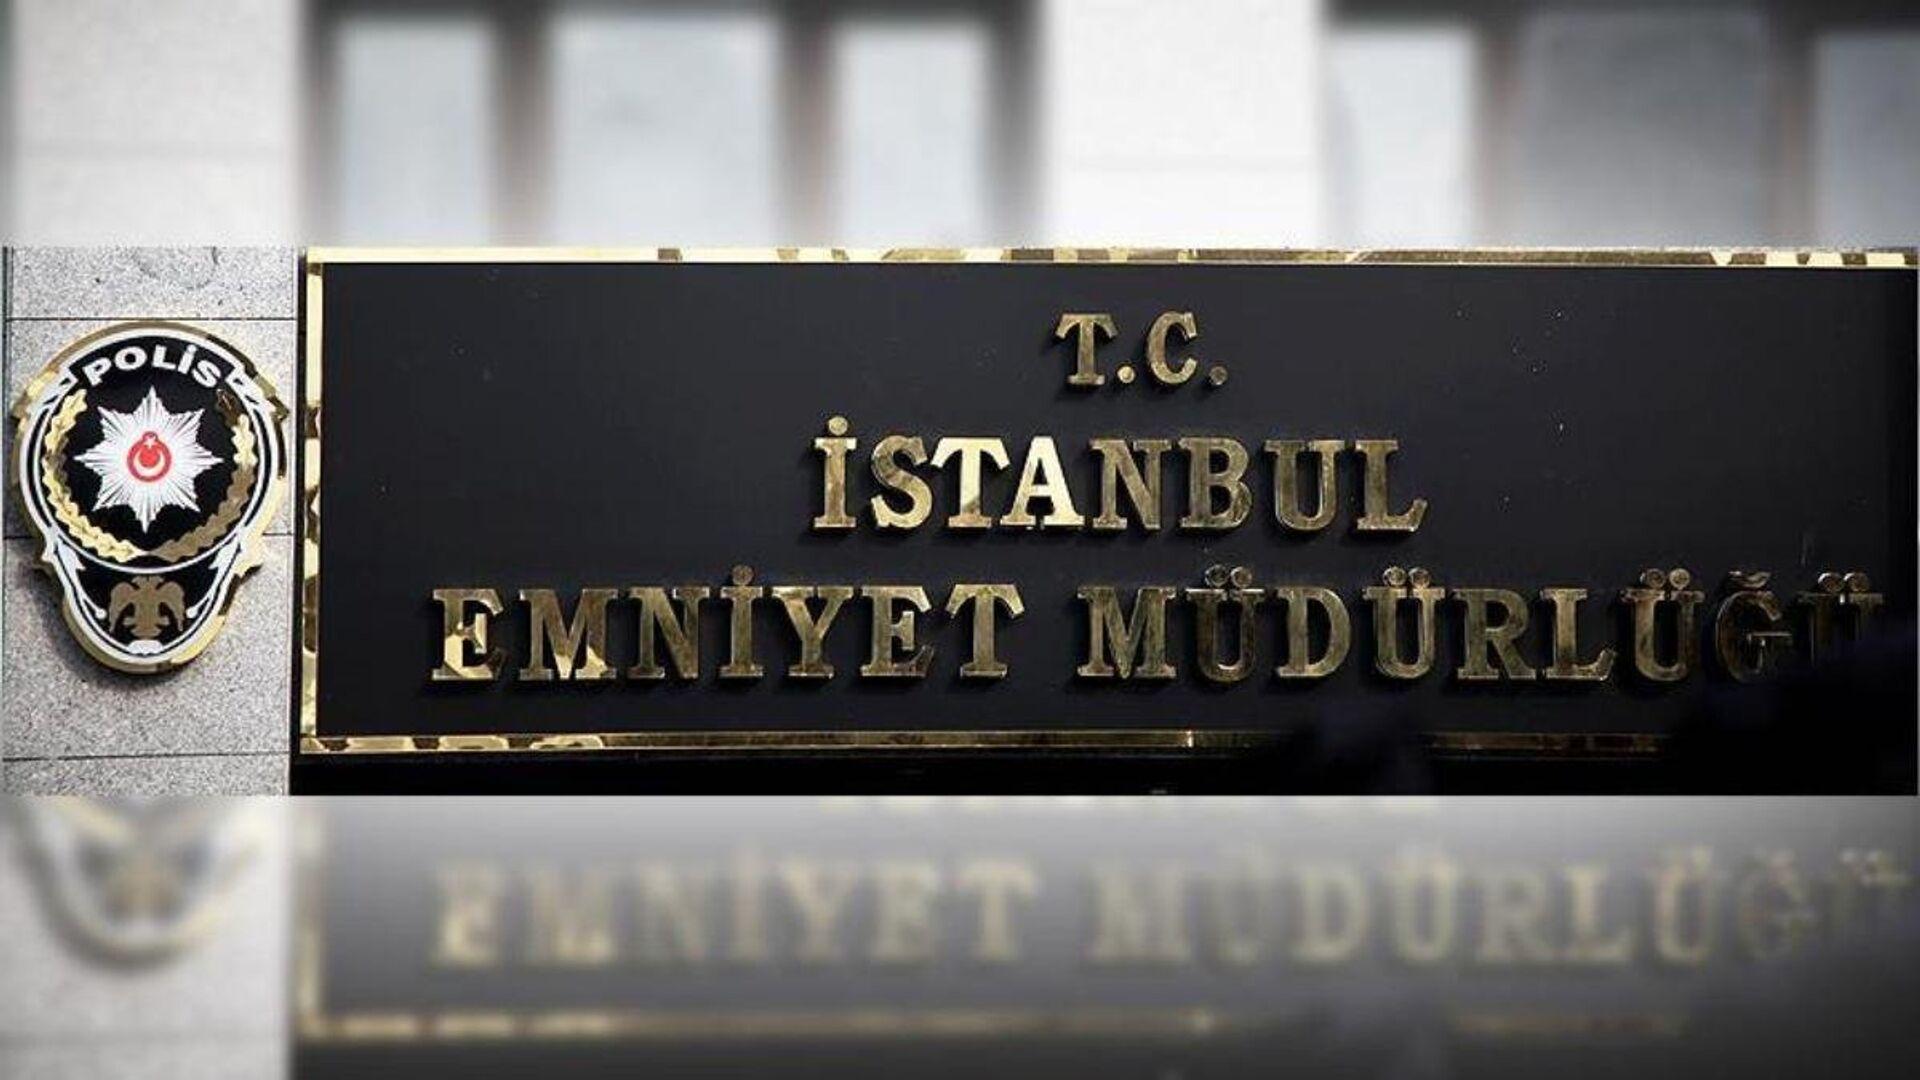 İstanbul İl Emniyet Müdürlüğü - Sputnik Türkiye, 1920, 07.06.2021